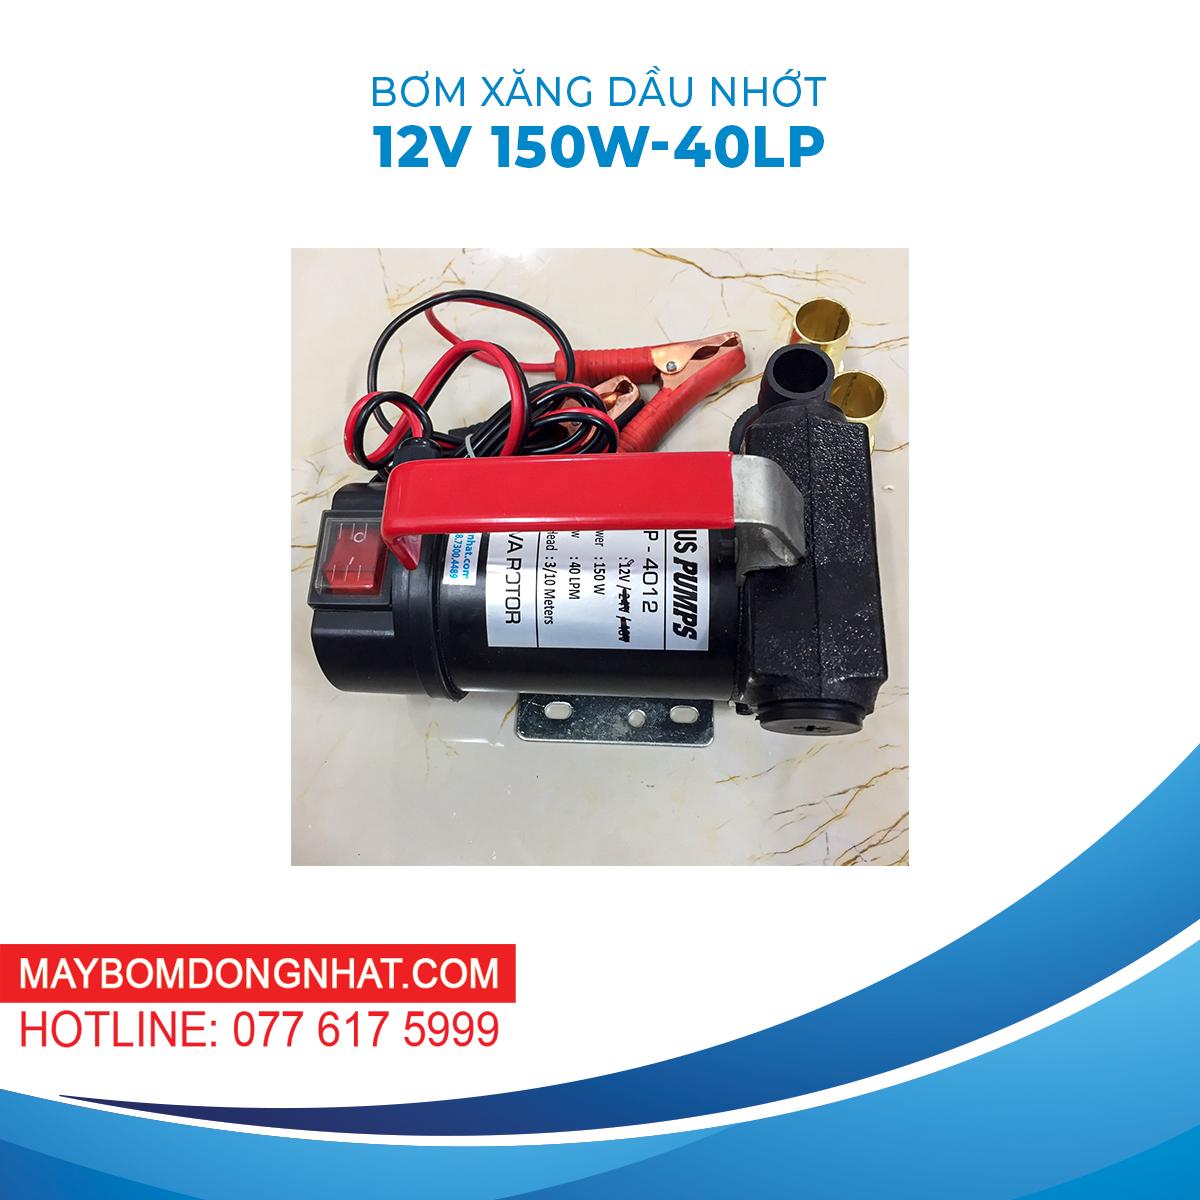 Máy bơm xăng dầu nhớt 12V 150W 40LP